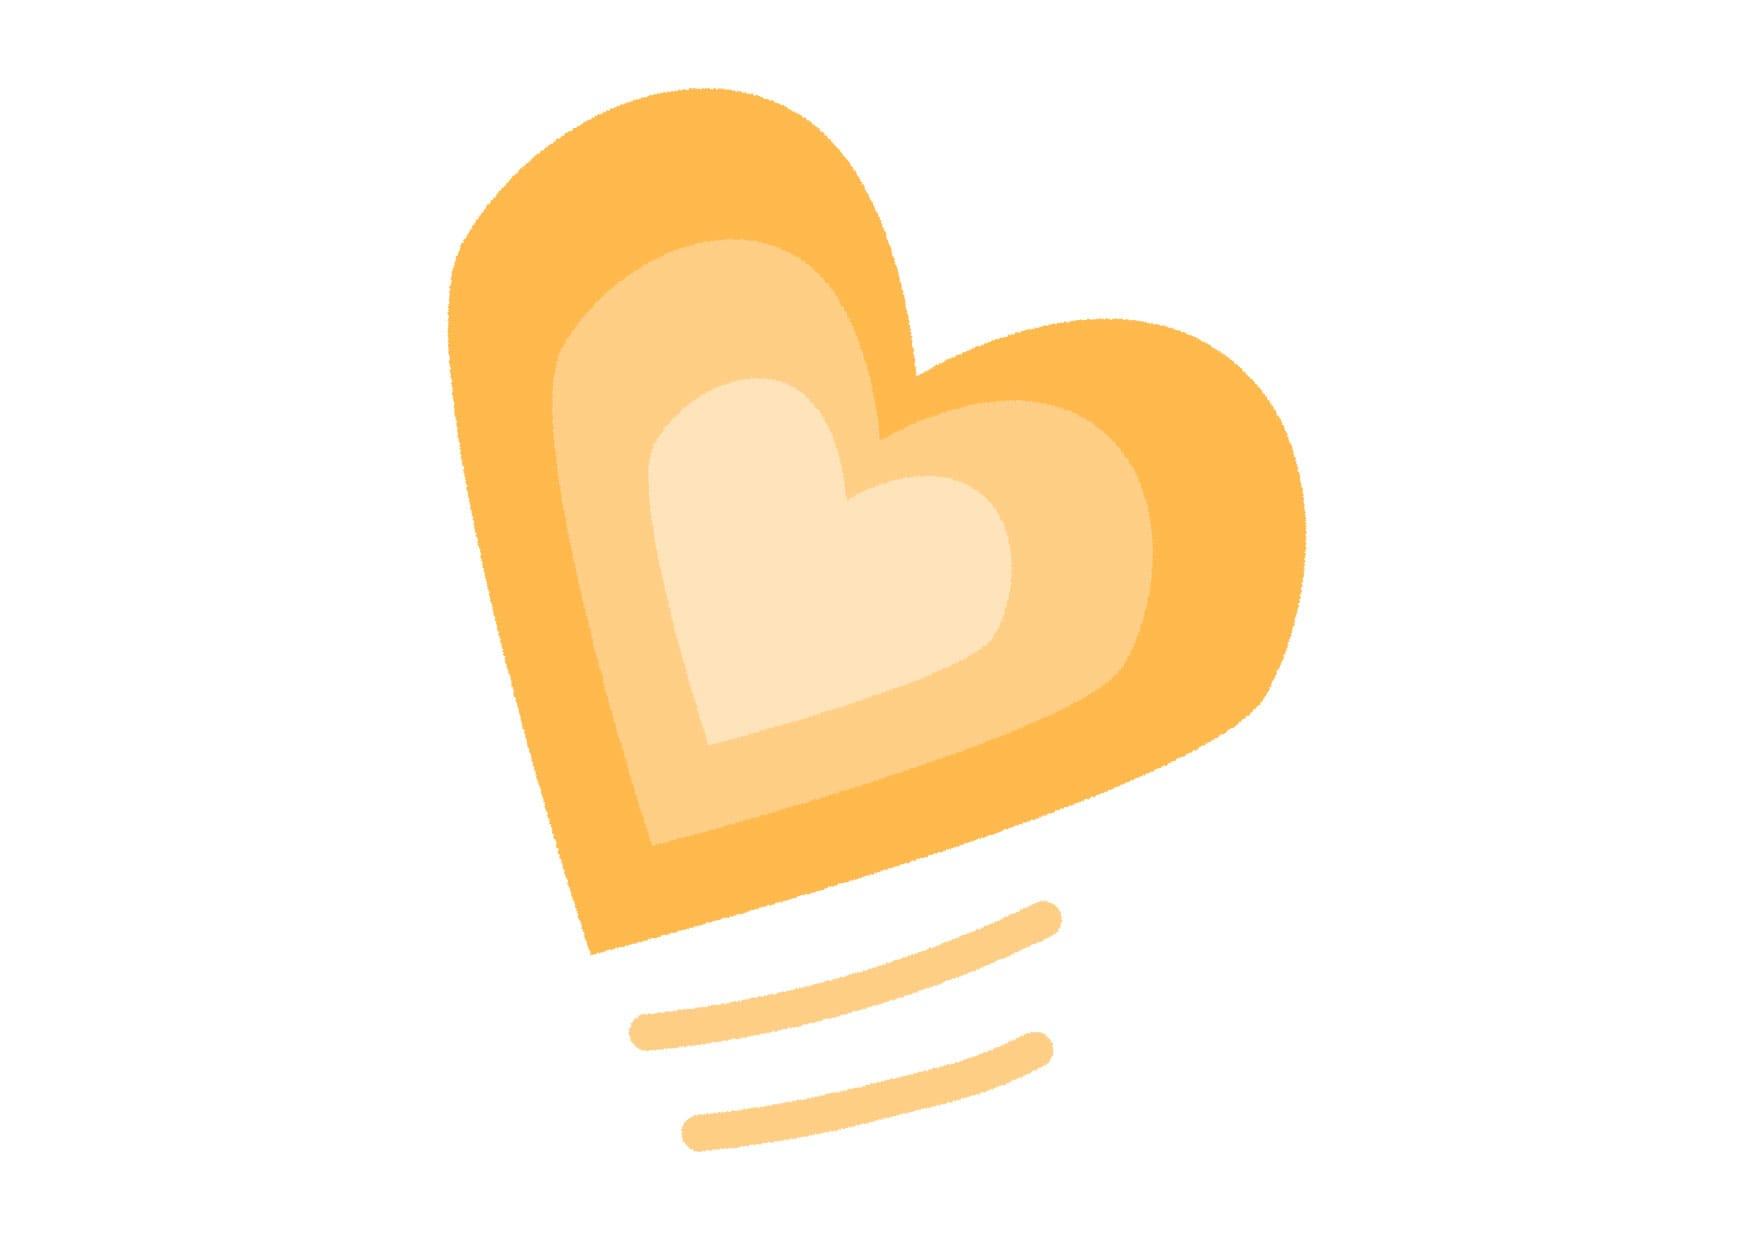 可愛いイラスト無料|グラデーション ハート 黄色 − free illustration  Gradient heart yellow